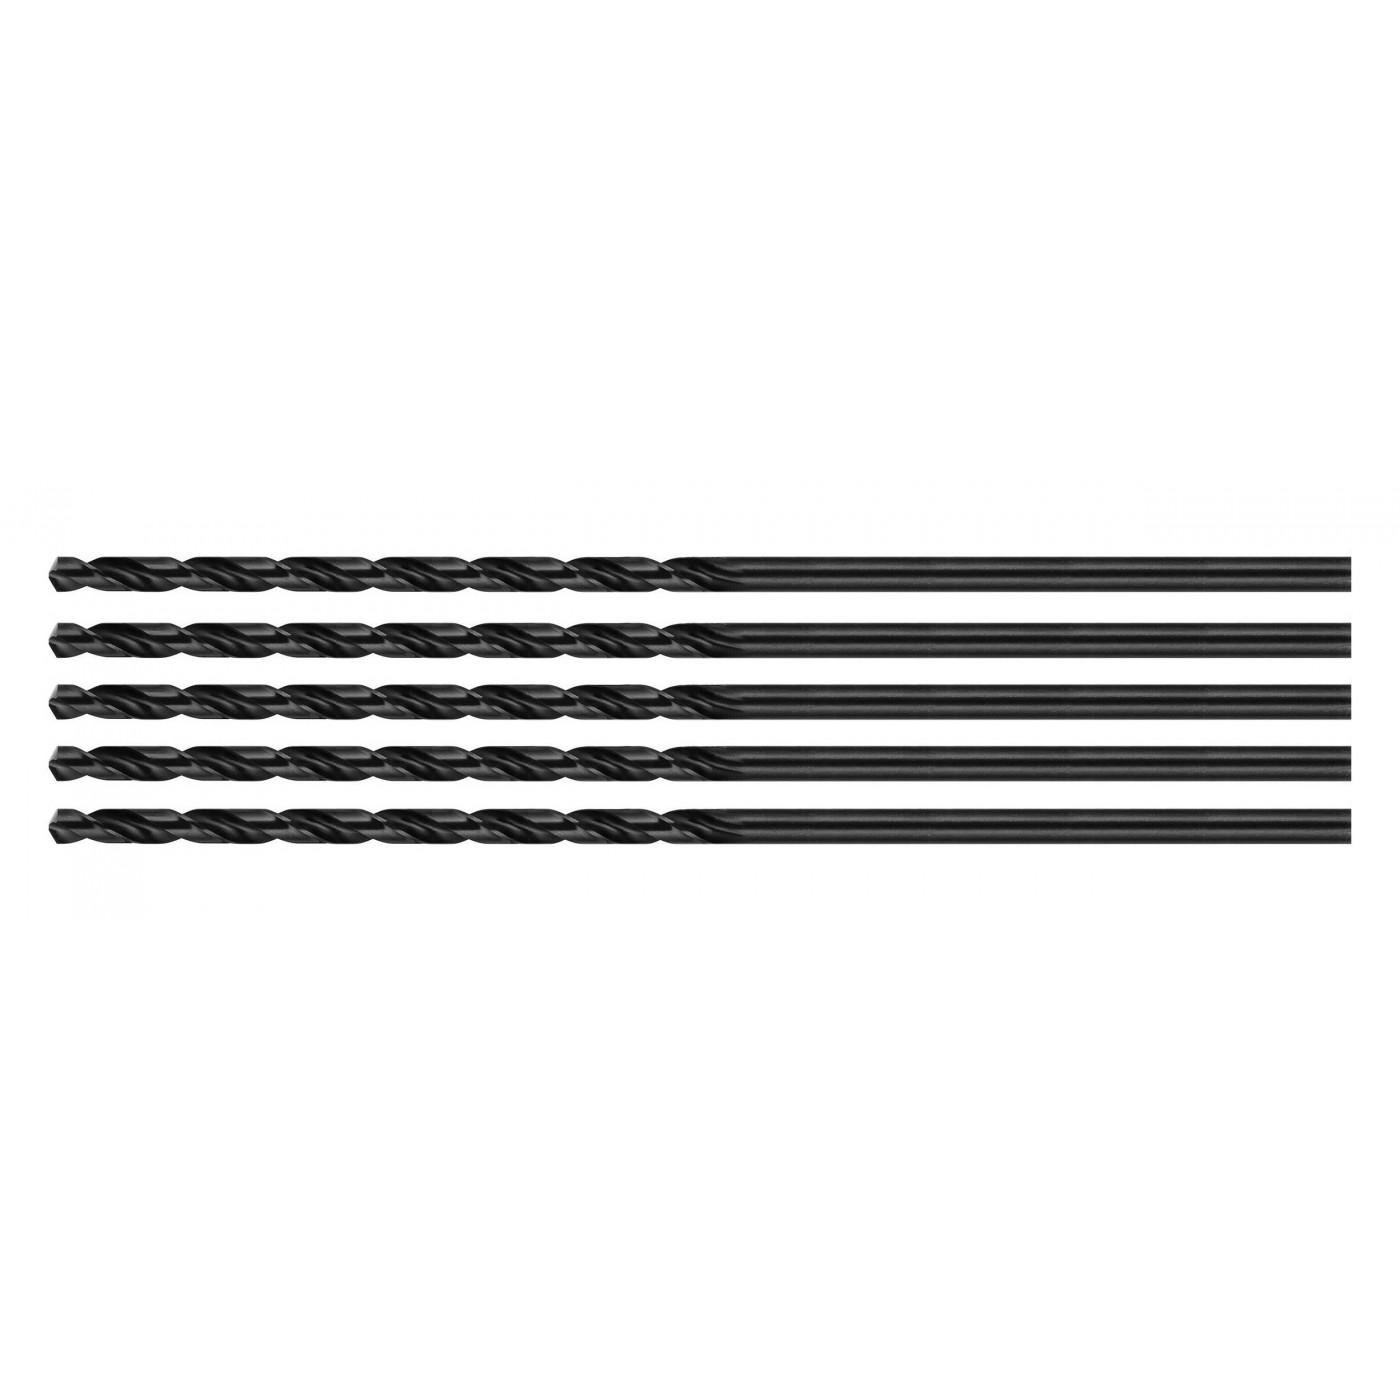 Set van 5 metaalboren, extra lang (3.2x300 mm)  - 1